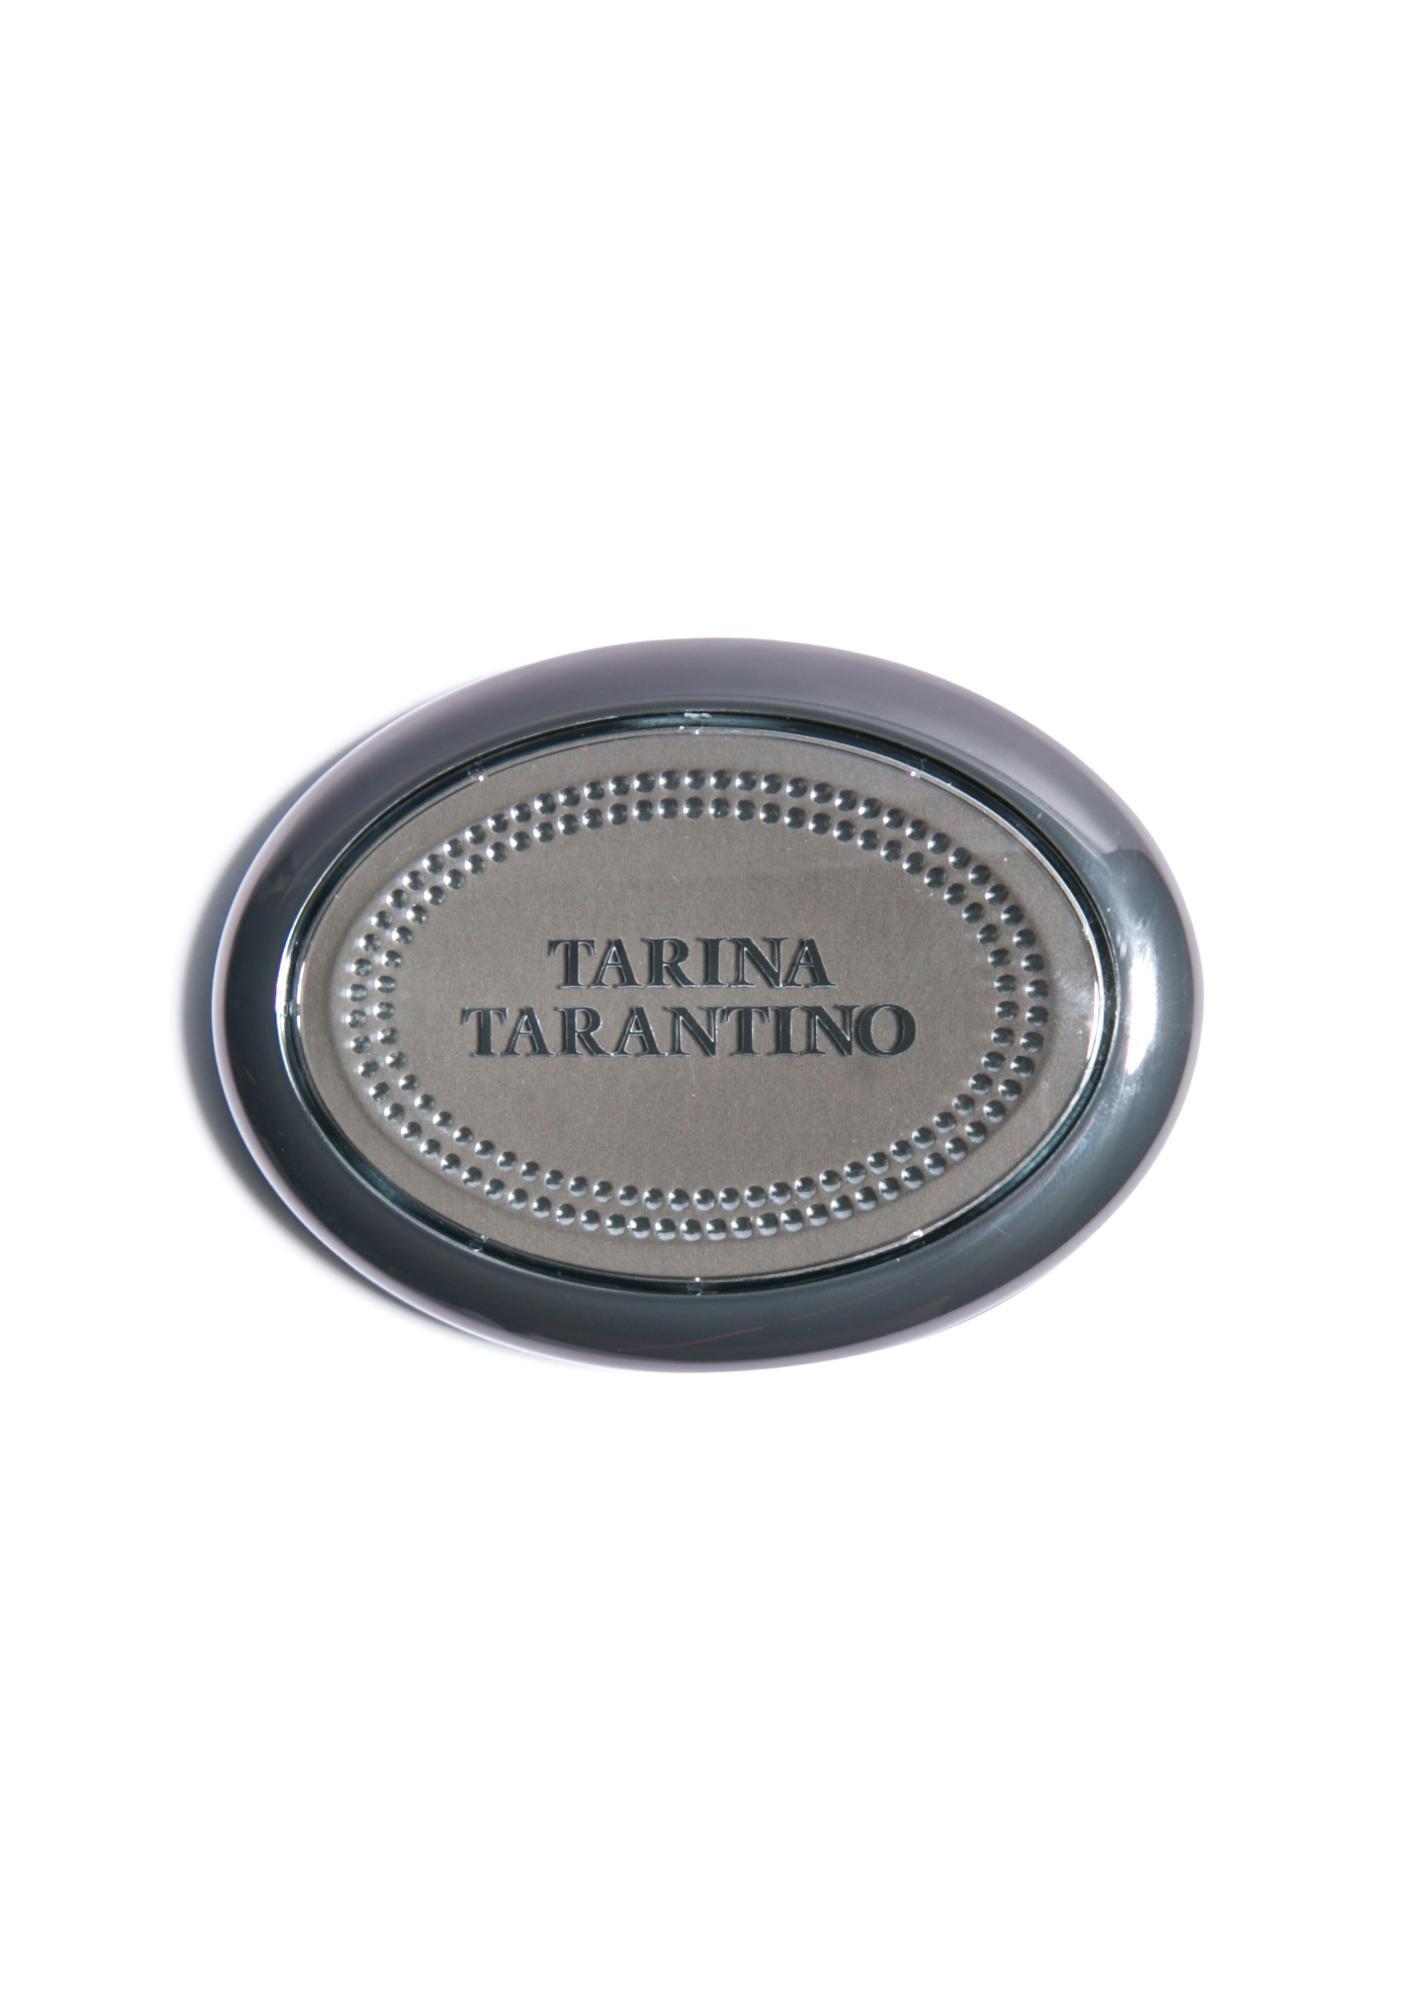 Tarina Tarantino Coral Cameo Dollskin Cream Blush Duo